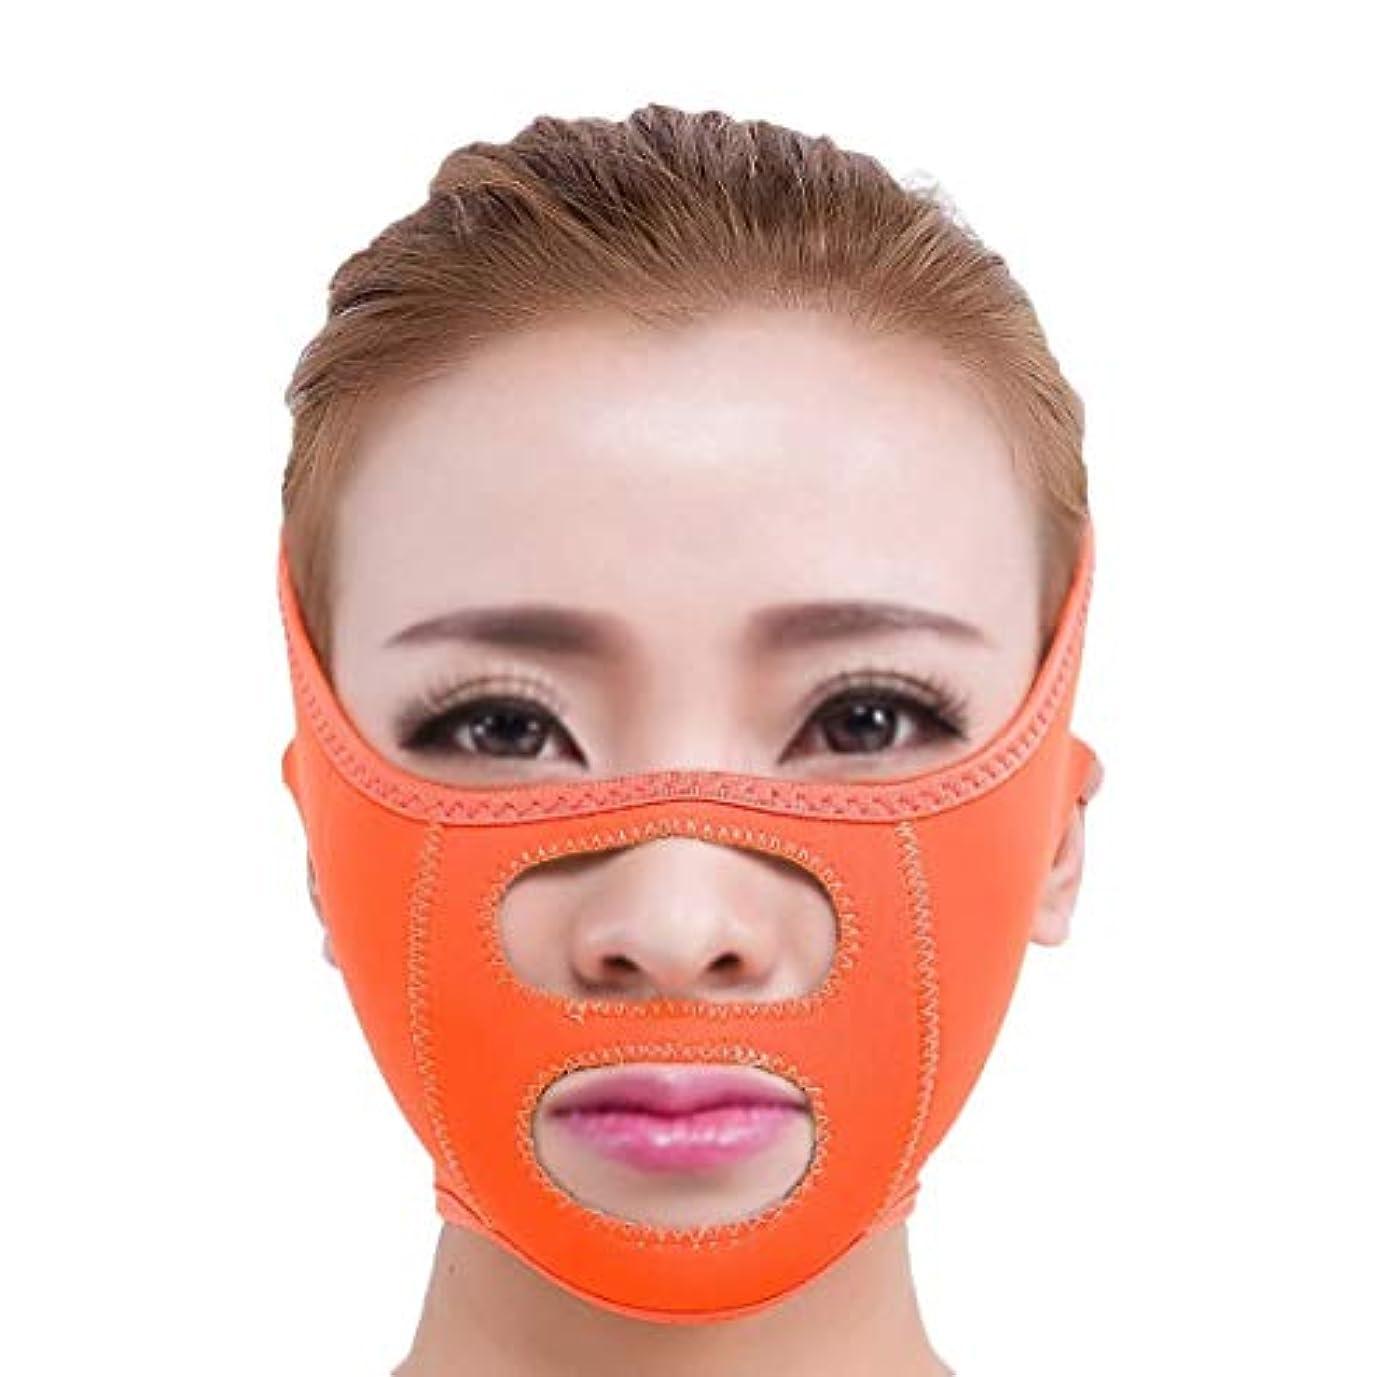 メンター配偶者できればスリミングベルト、フェイシャルマスク薄い顔マスク睡眠薄い顔マスク薄い顔包帯薄い顔アーティファクト薄い顔顔リフティング薄い顔小さなV顔睡眠薄い顔ベルト